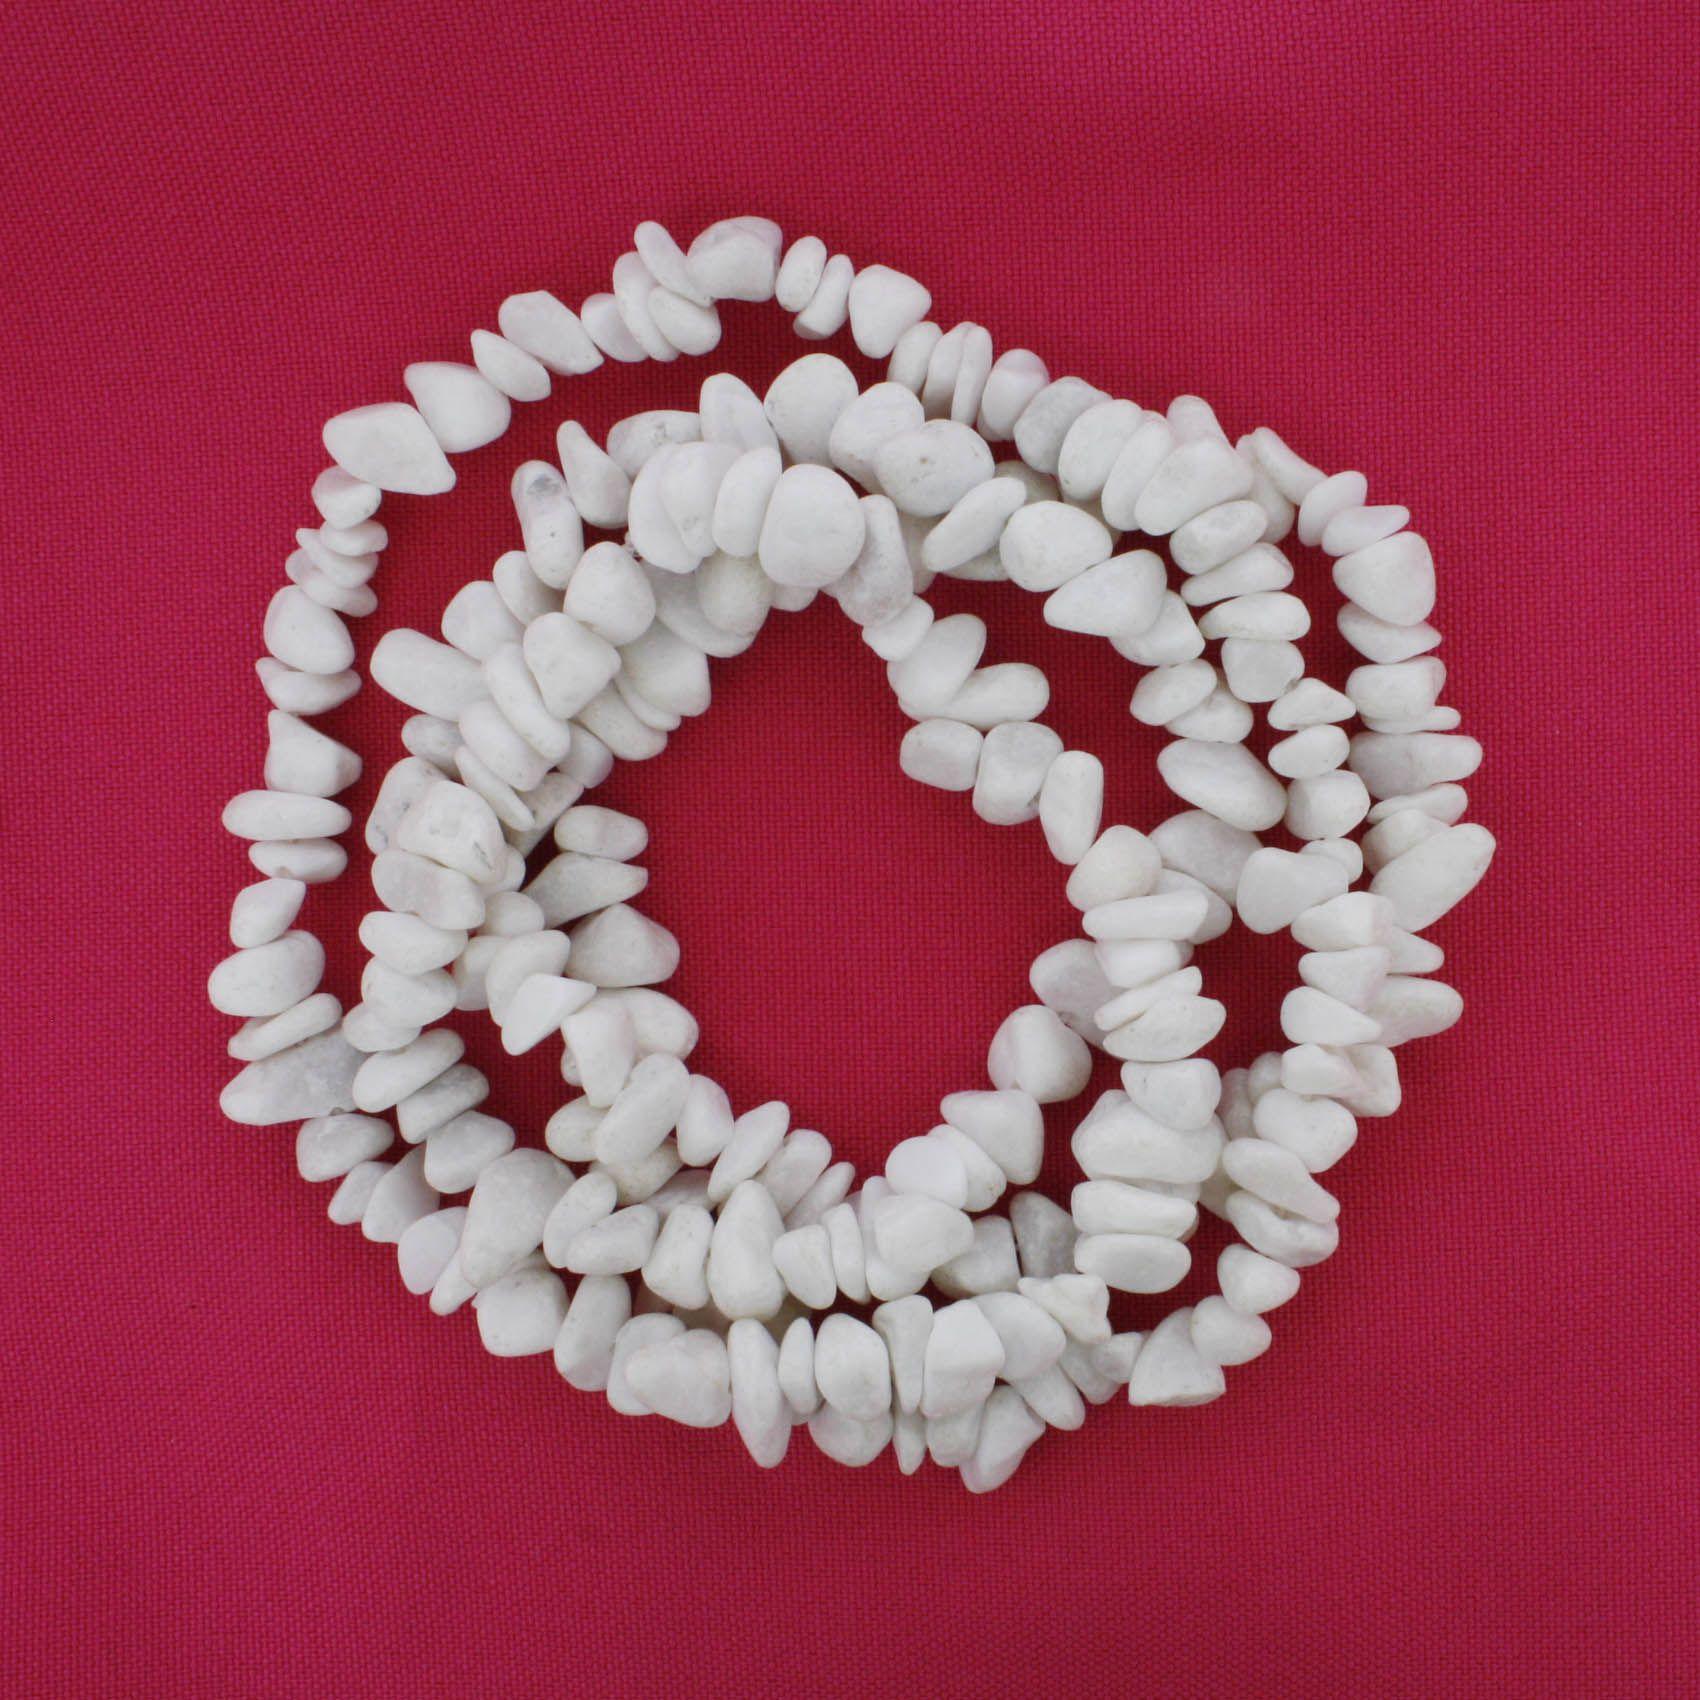 Fio de Cascalho - Stone® - Quartzo Branco  - Stéphanie Bijoux® - Peças para Bijuterias e Artesanato